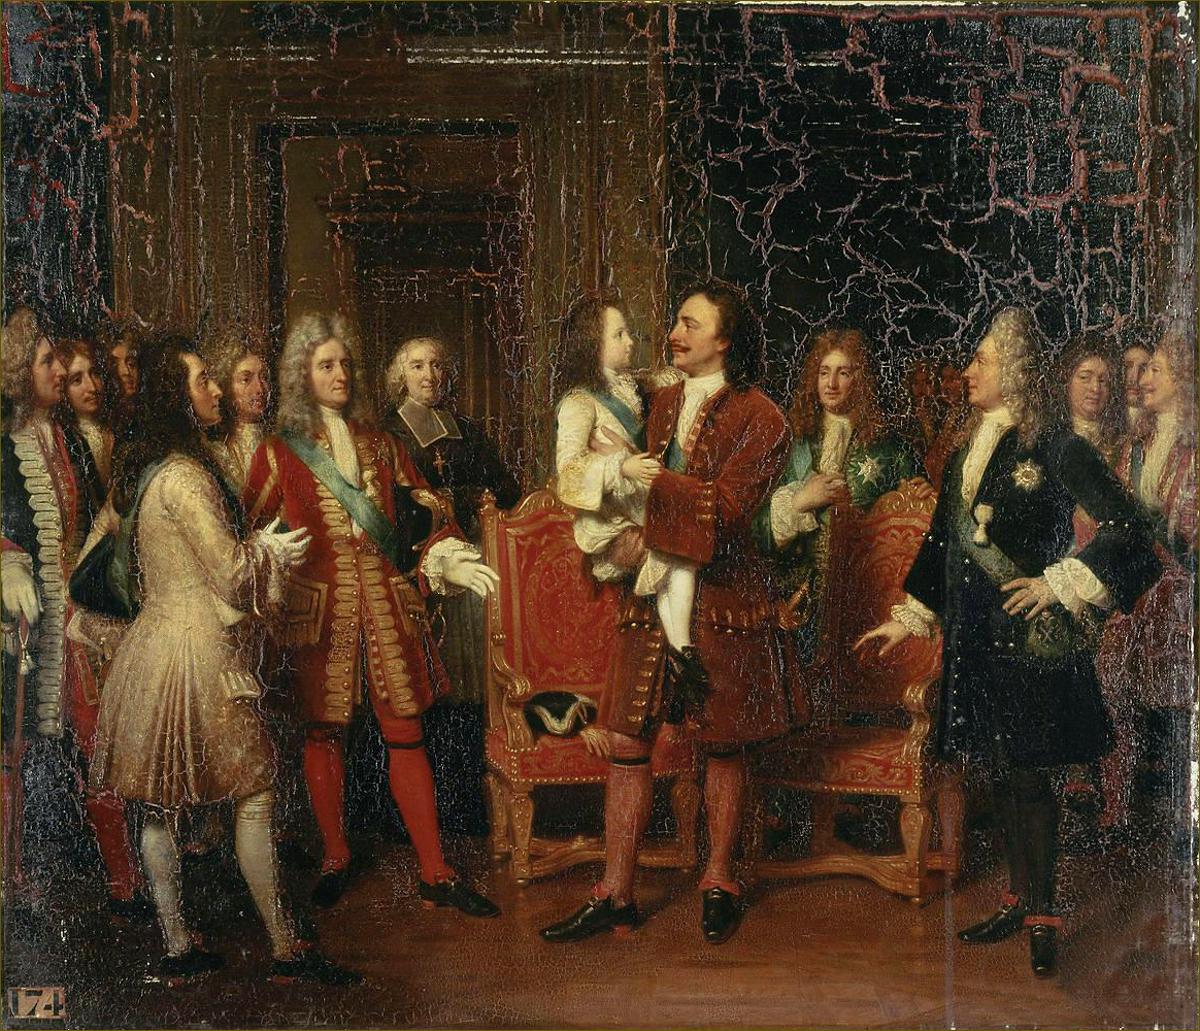 Louis XV, roi de France, enfant, porté dans les bras de Pierre le Grand, tsar de Russie, en visite en France en 1717, par Hersent